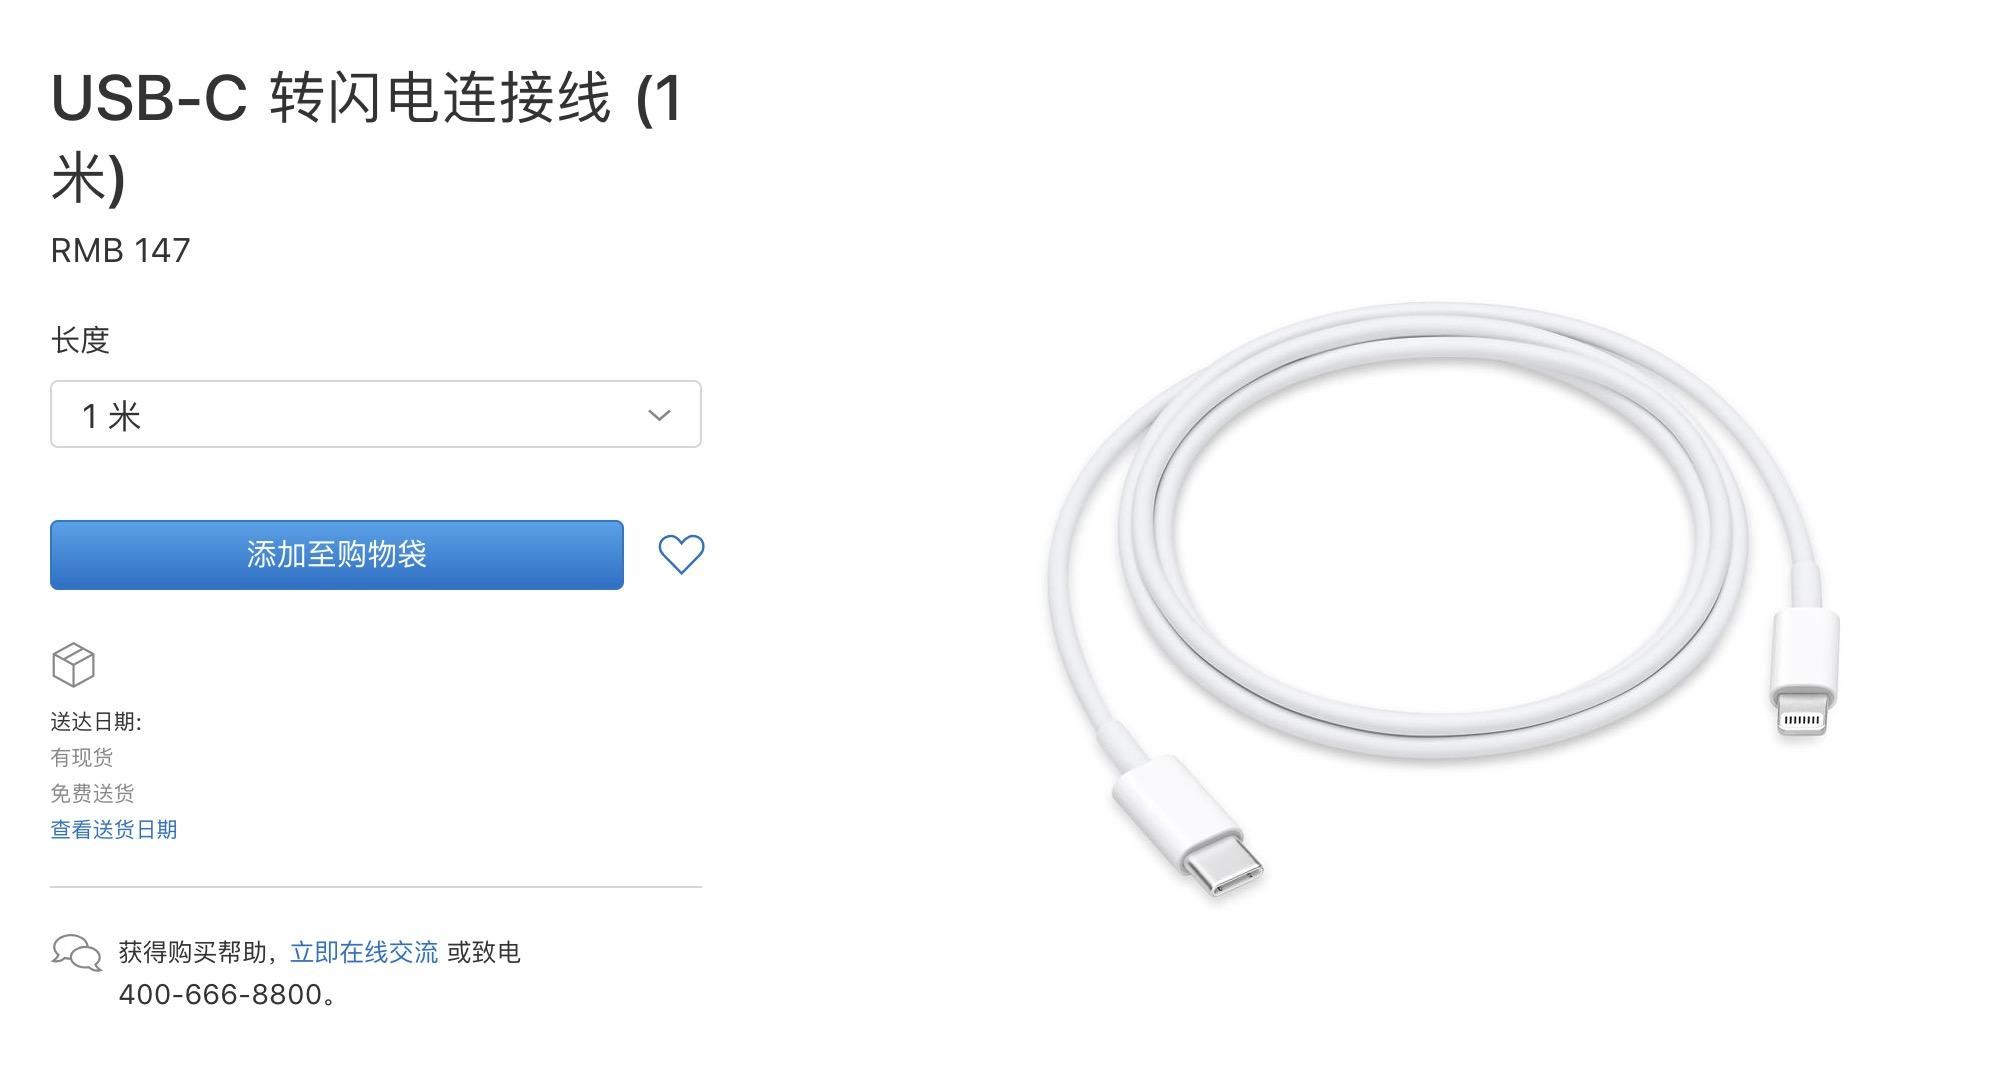 USB-C 很好用,但 iPhone 想要的是一个不带接口的未来